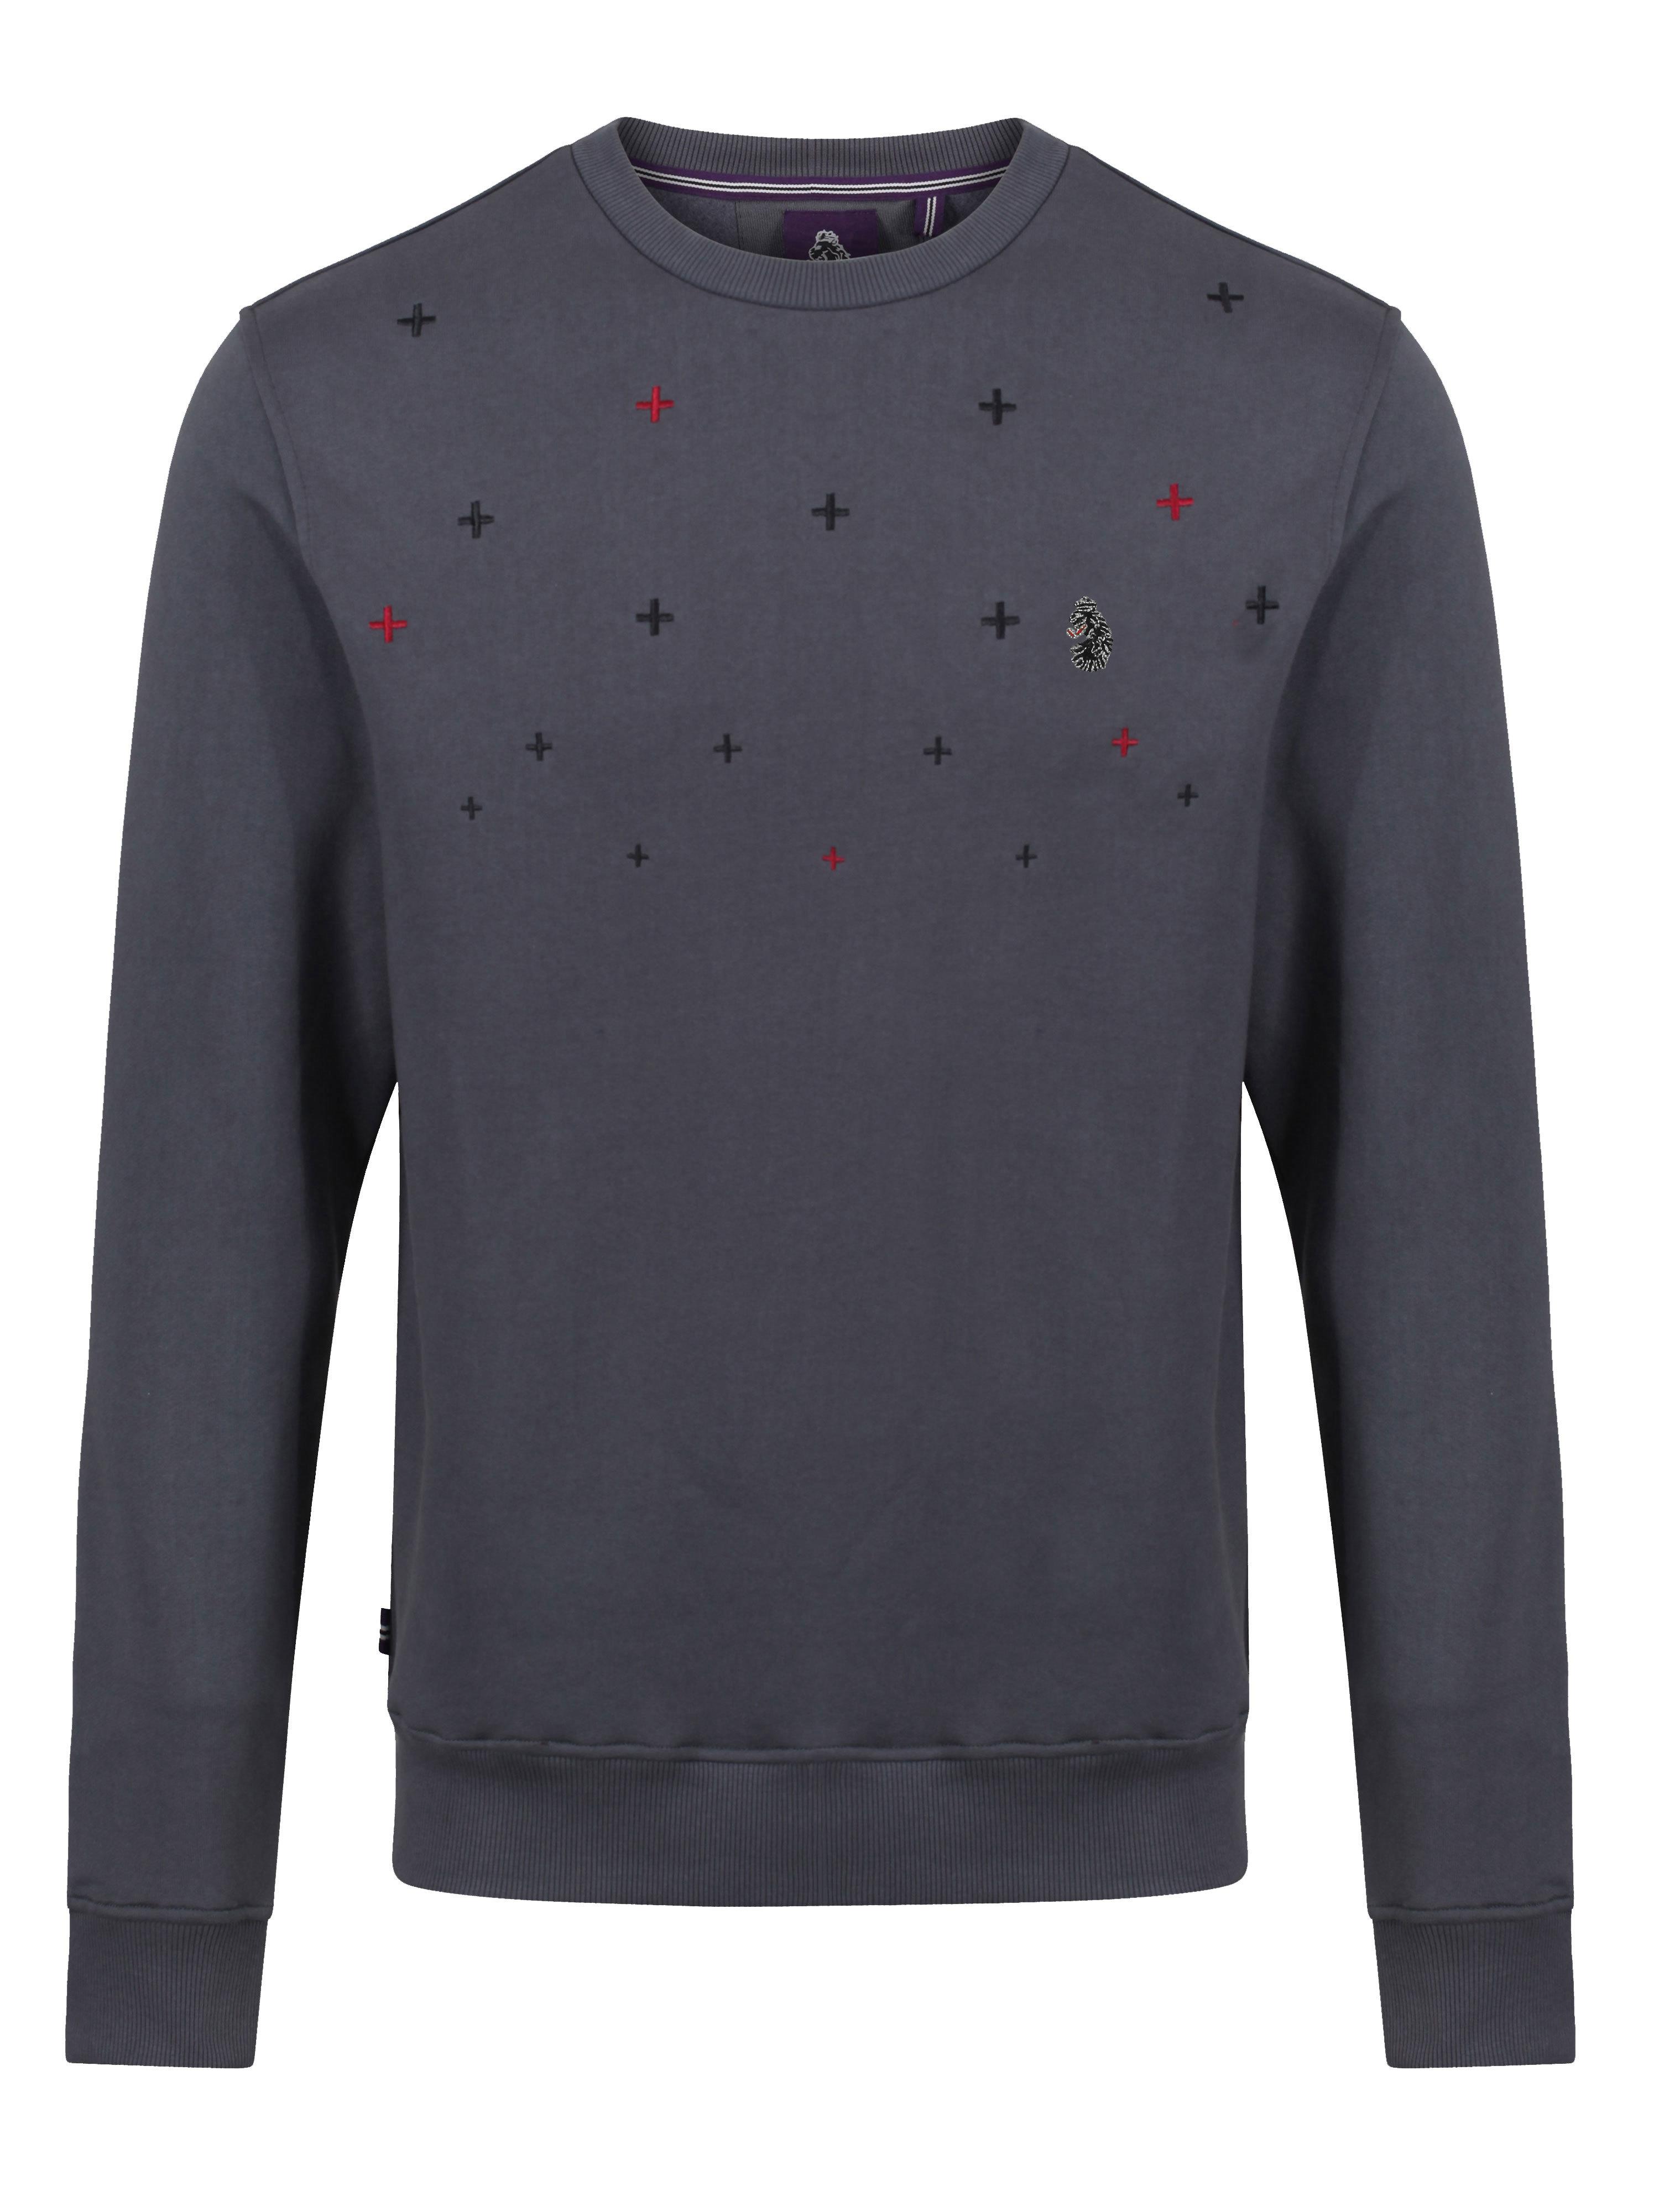 LUKE 1977 Welders Embroidery Detail Sweatshirt